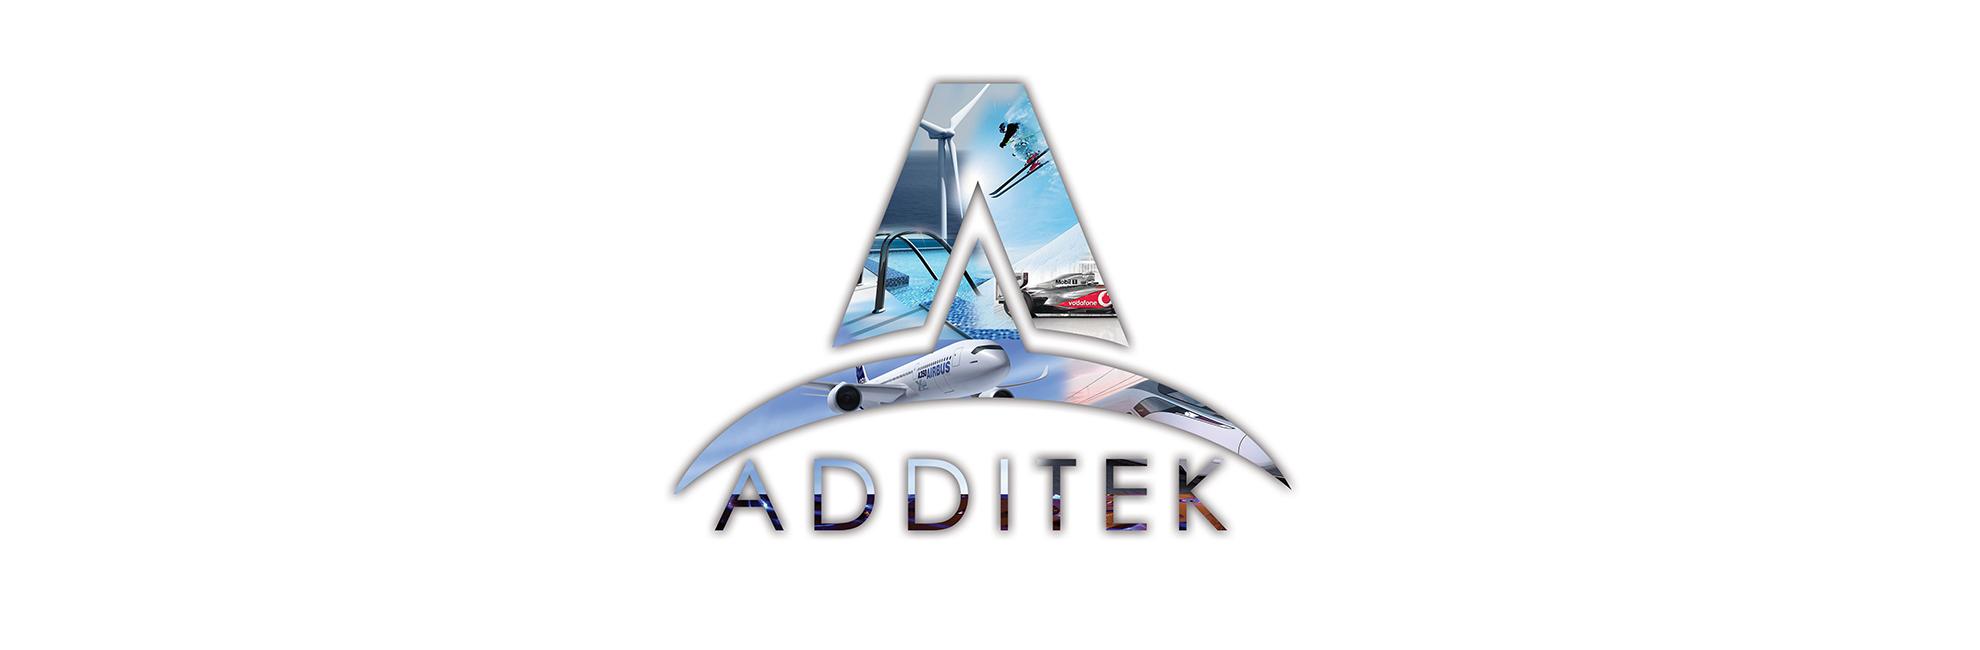 additek-3